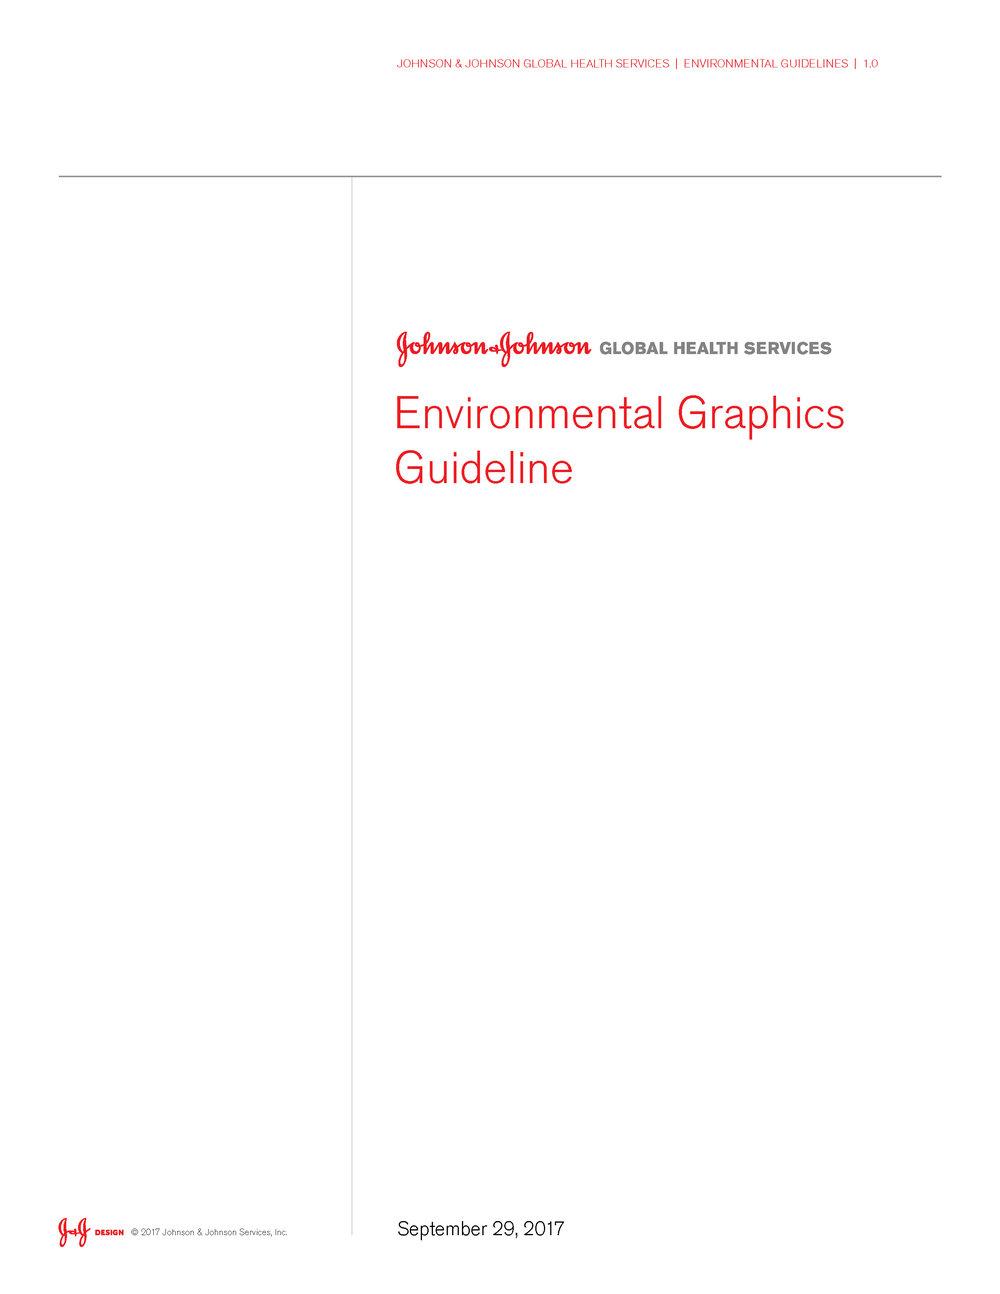 170929_GHS-EnvironmentalGuidelines_1.0 copy_Page_001.jpg